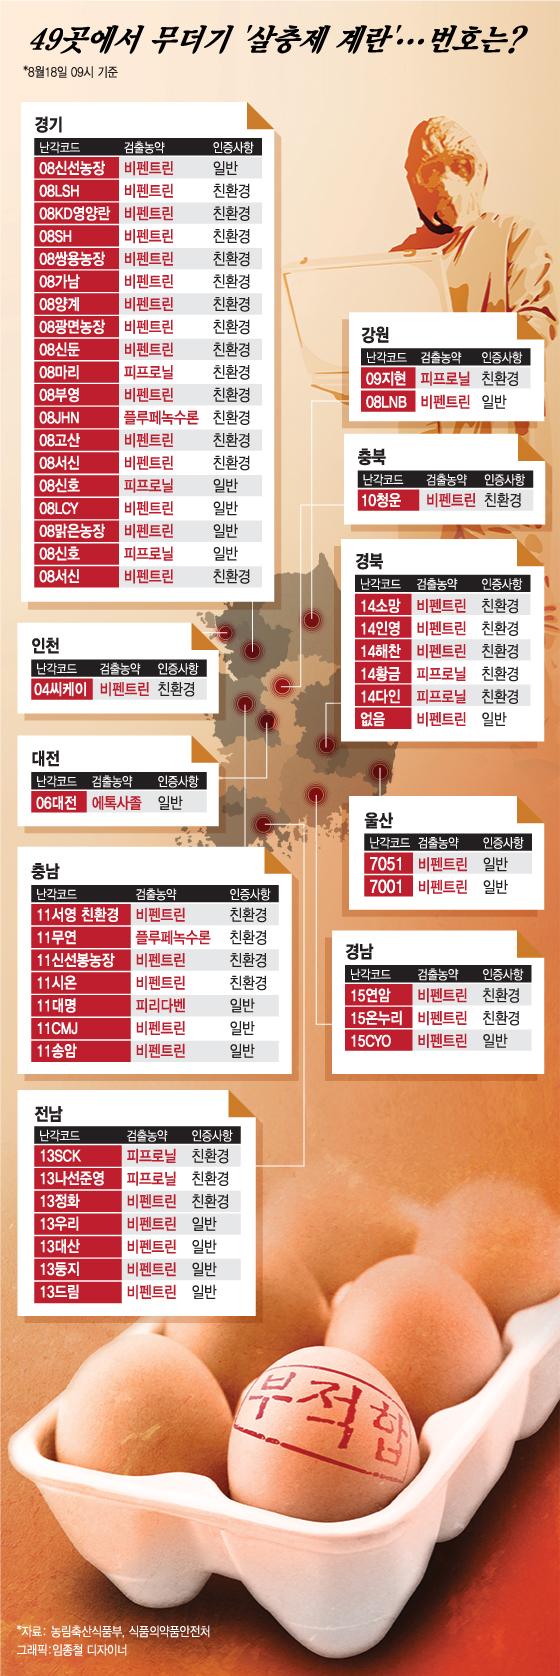 [그래픽뉴스] 전국 49곳서 살충제 계란... '난각코드' 확인하세요